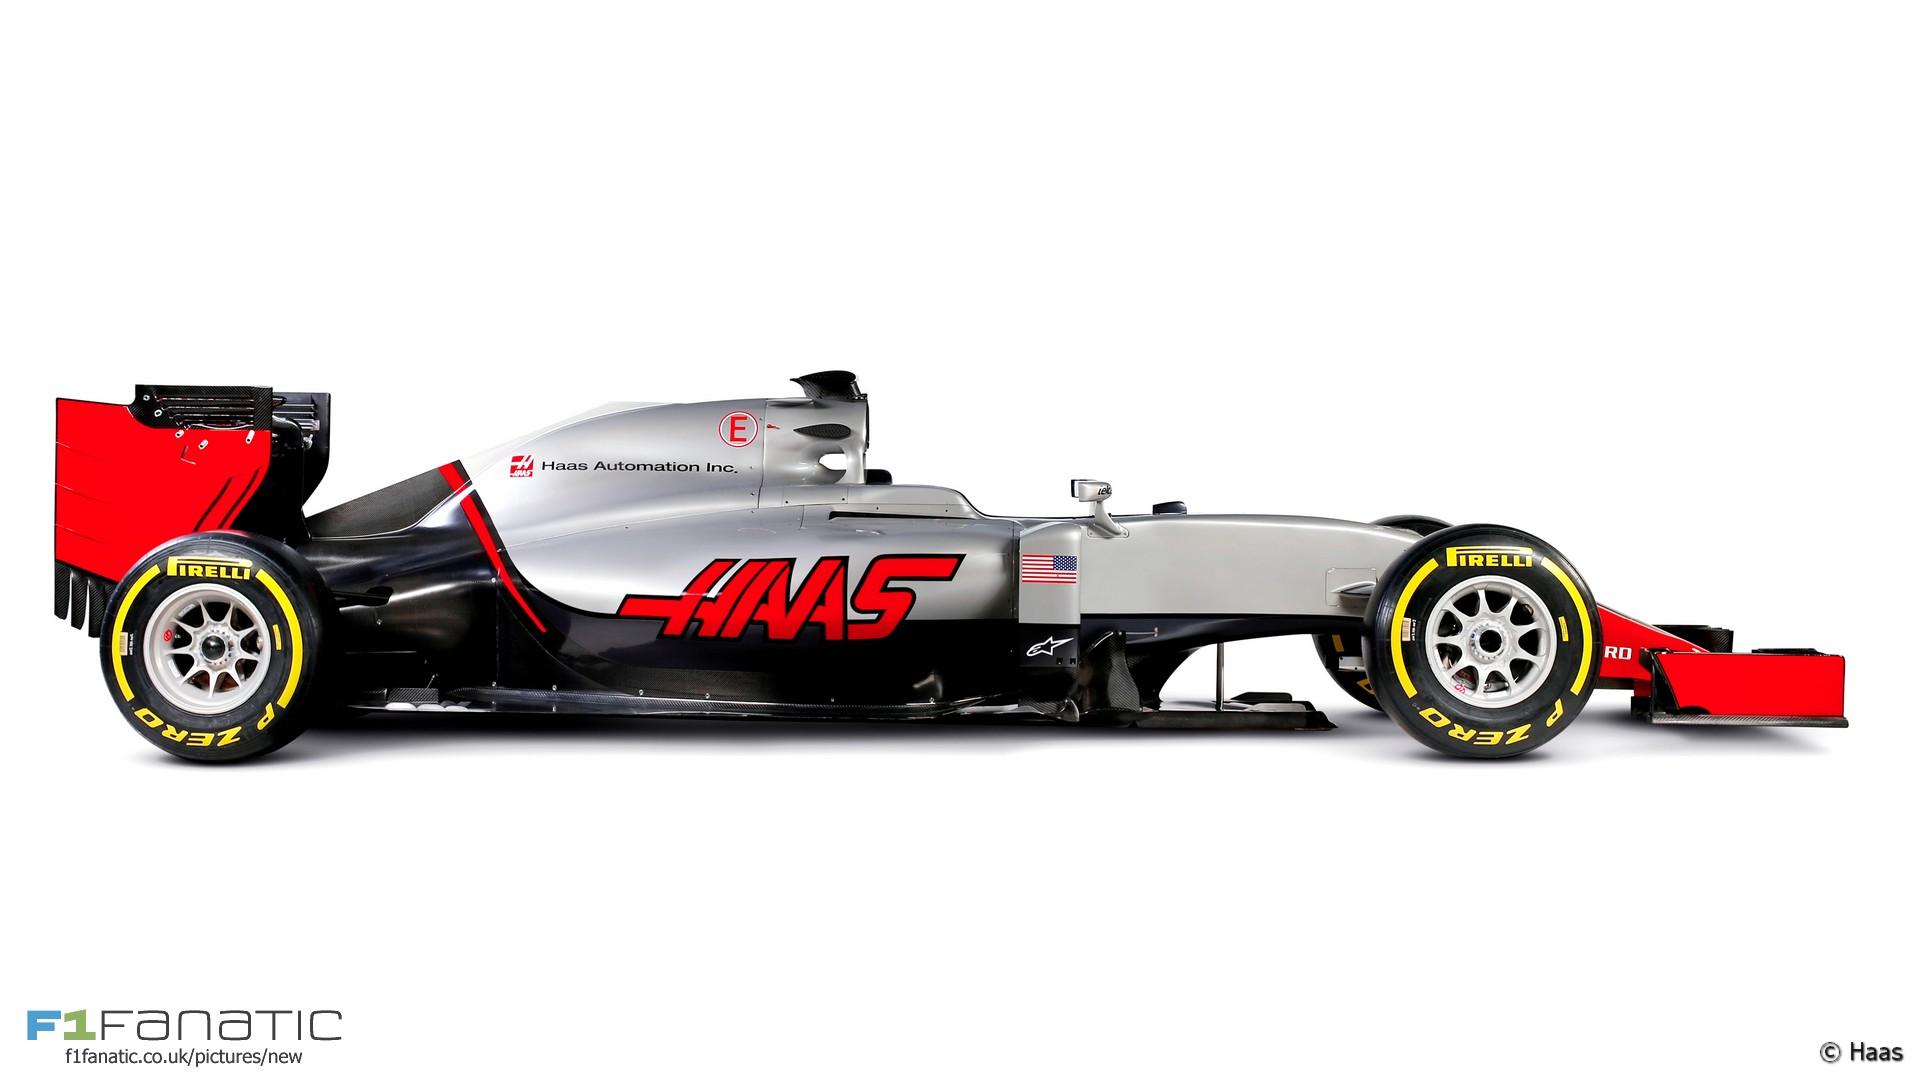 Haas f1 2017 wallpaper